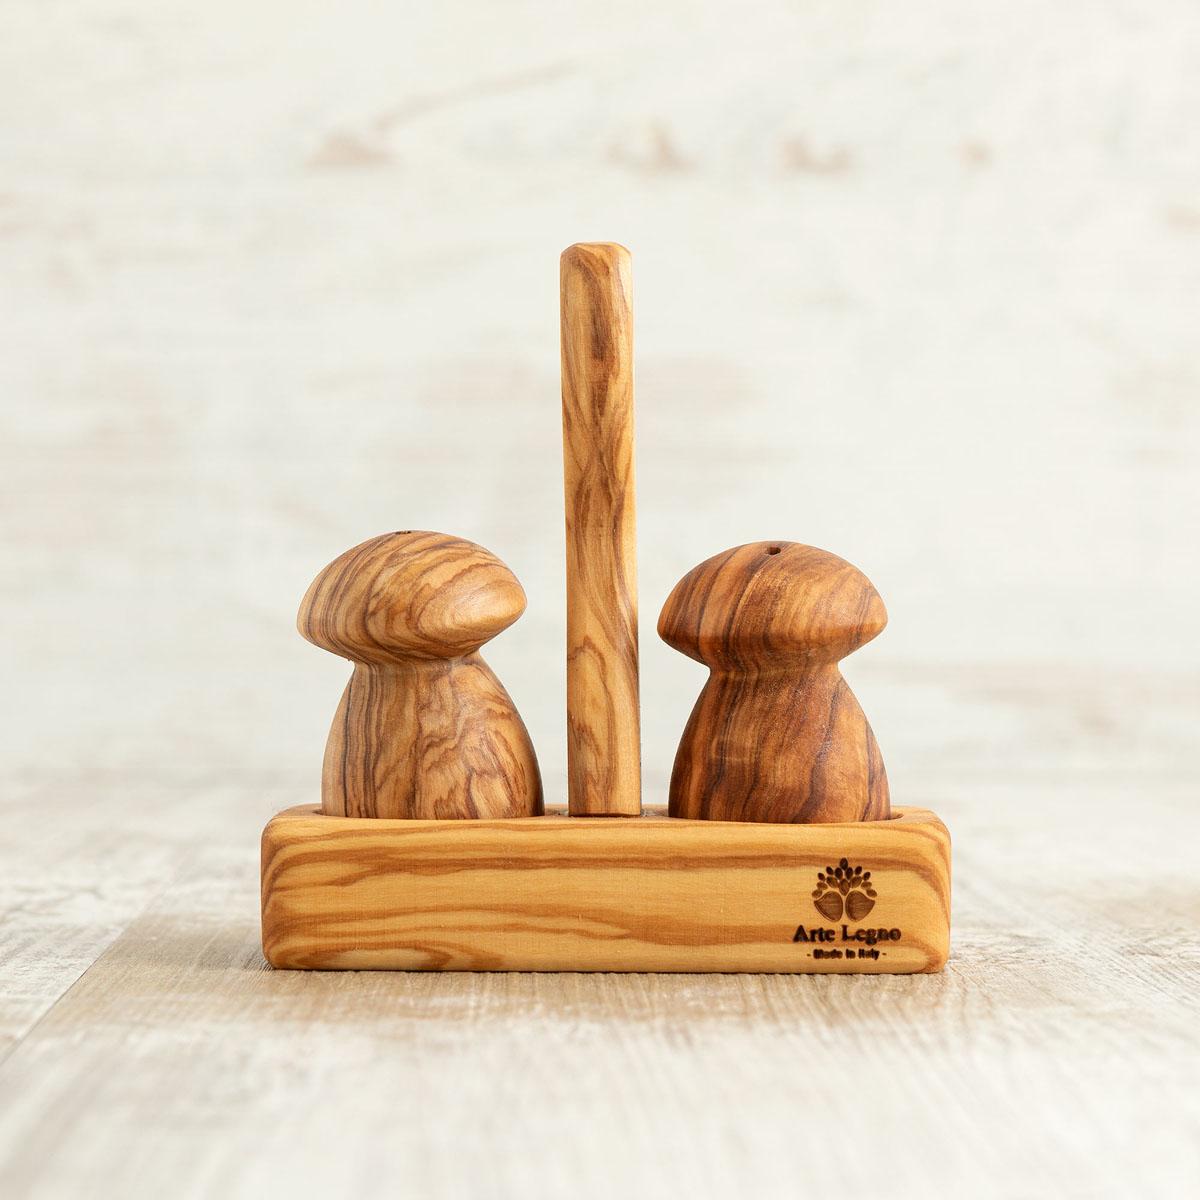 Porta sale e pepe a funghetto in legno di ulivo | Arte Legno